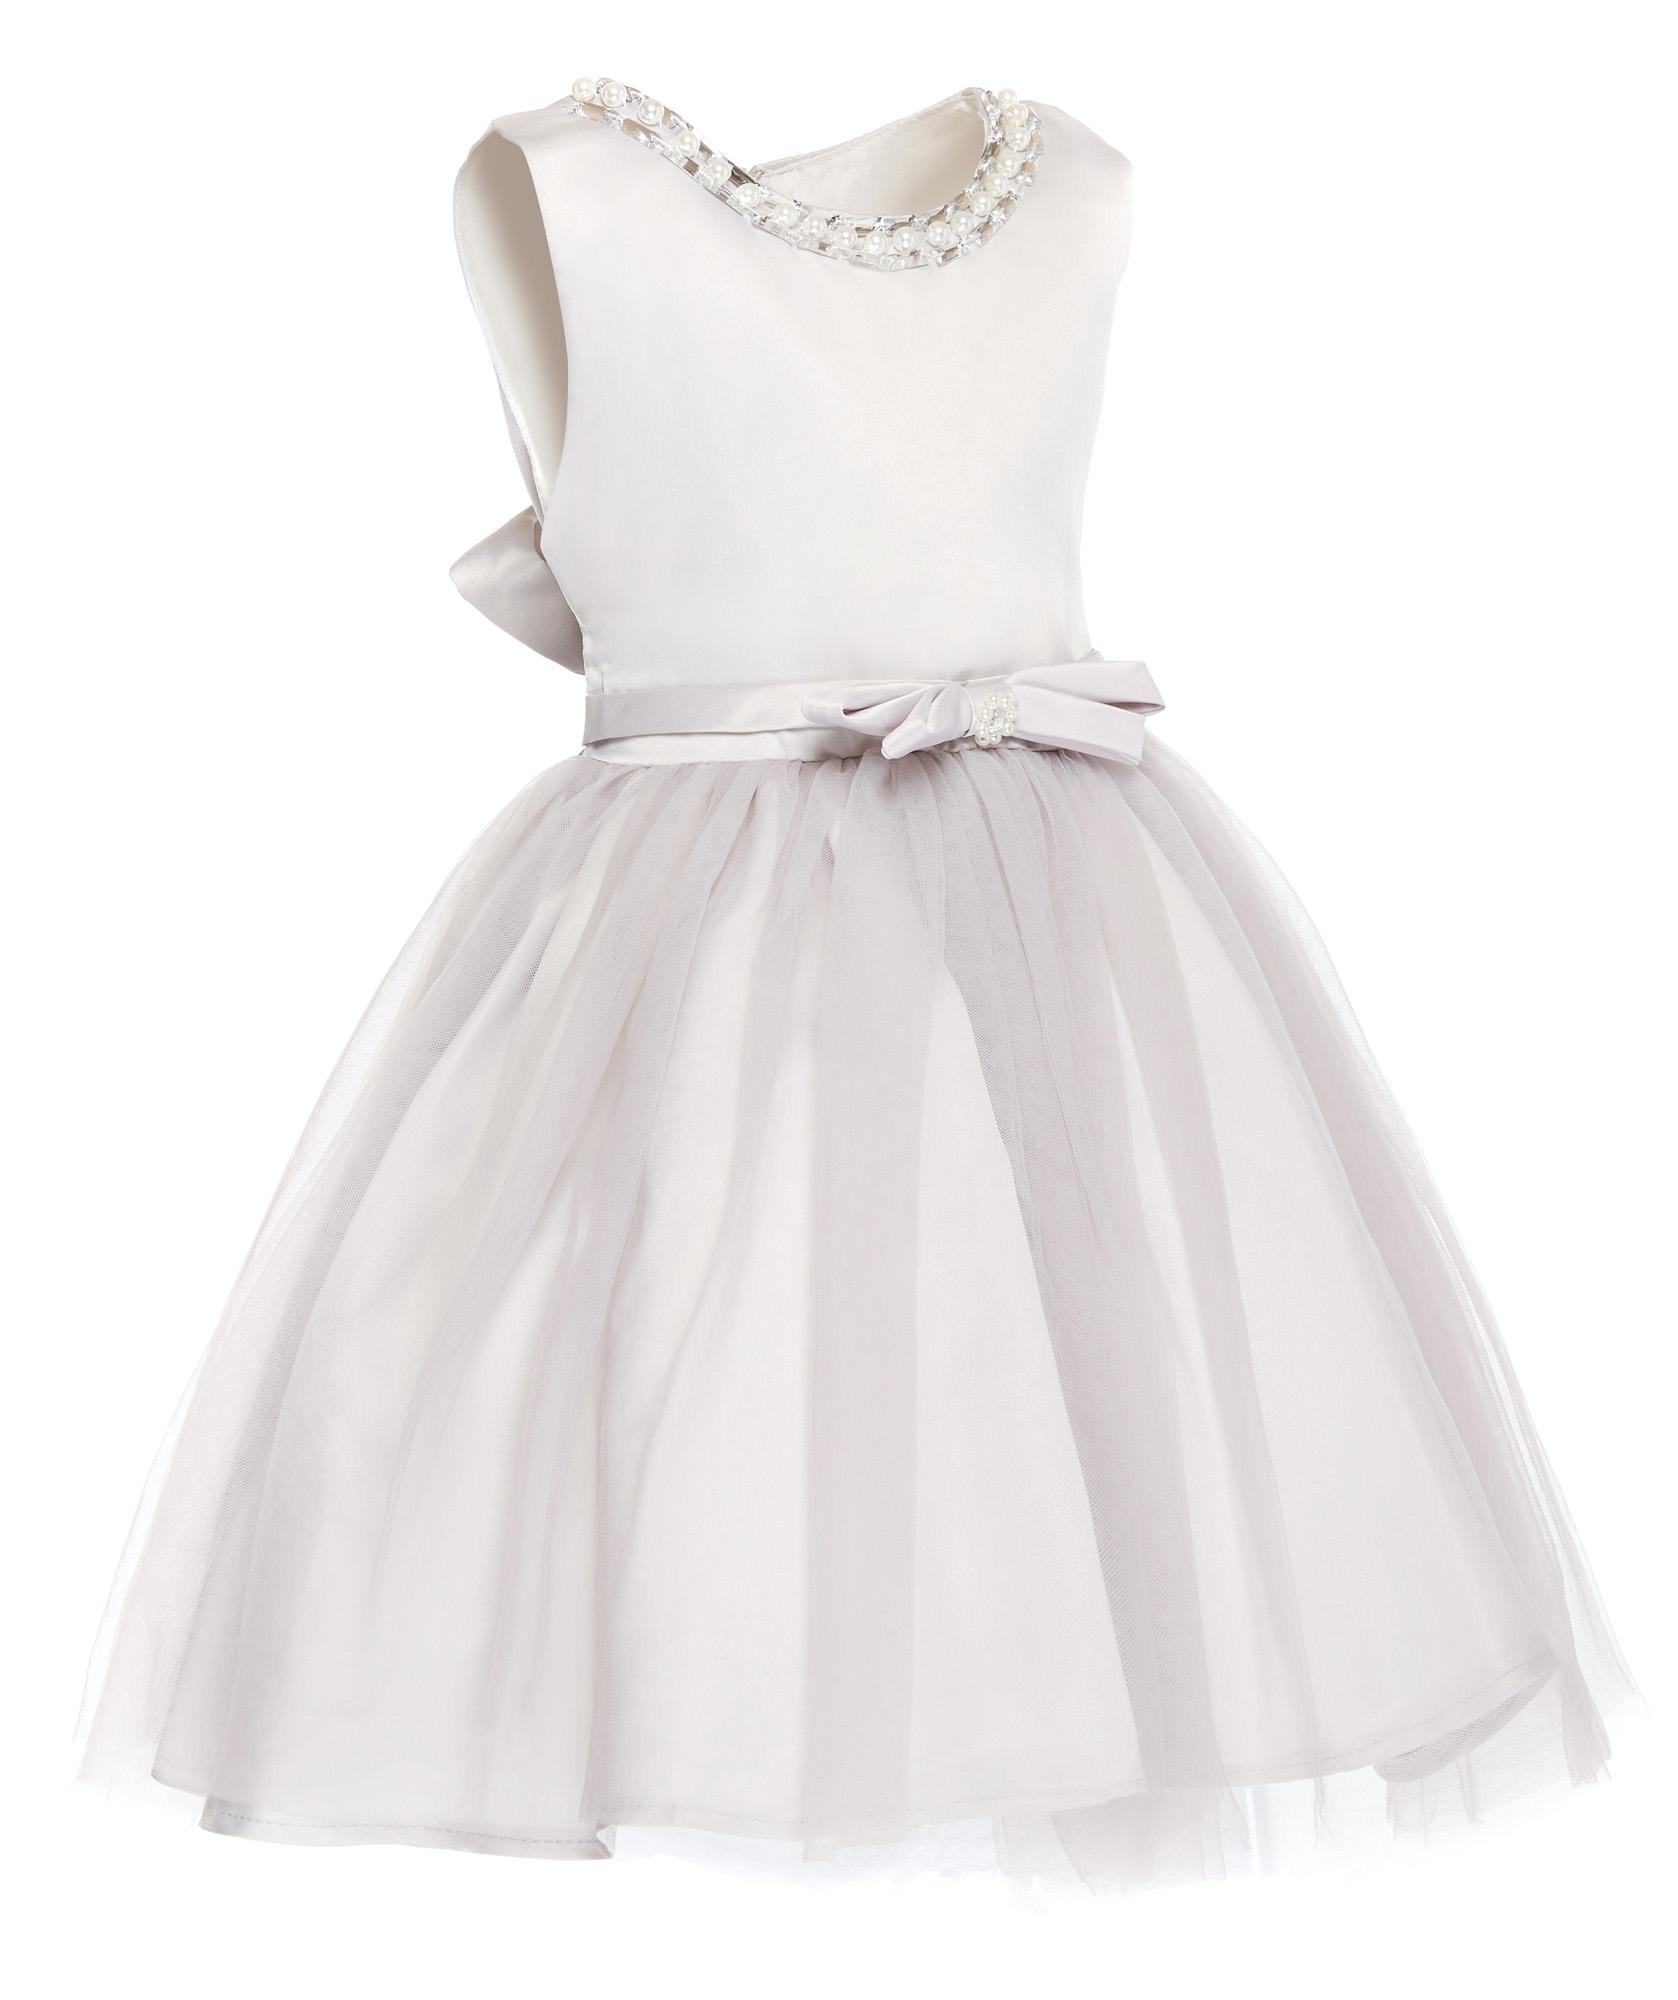 99a92e936c Wyjątkowa Piękna srebrna sukienka wesele 158 164 7322436885 - Allegro.pl